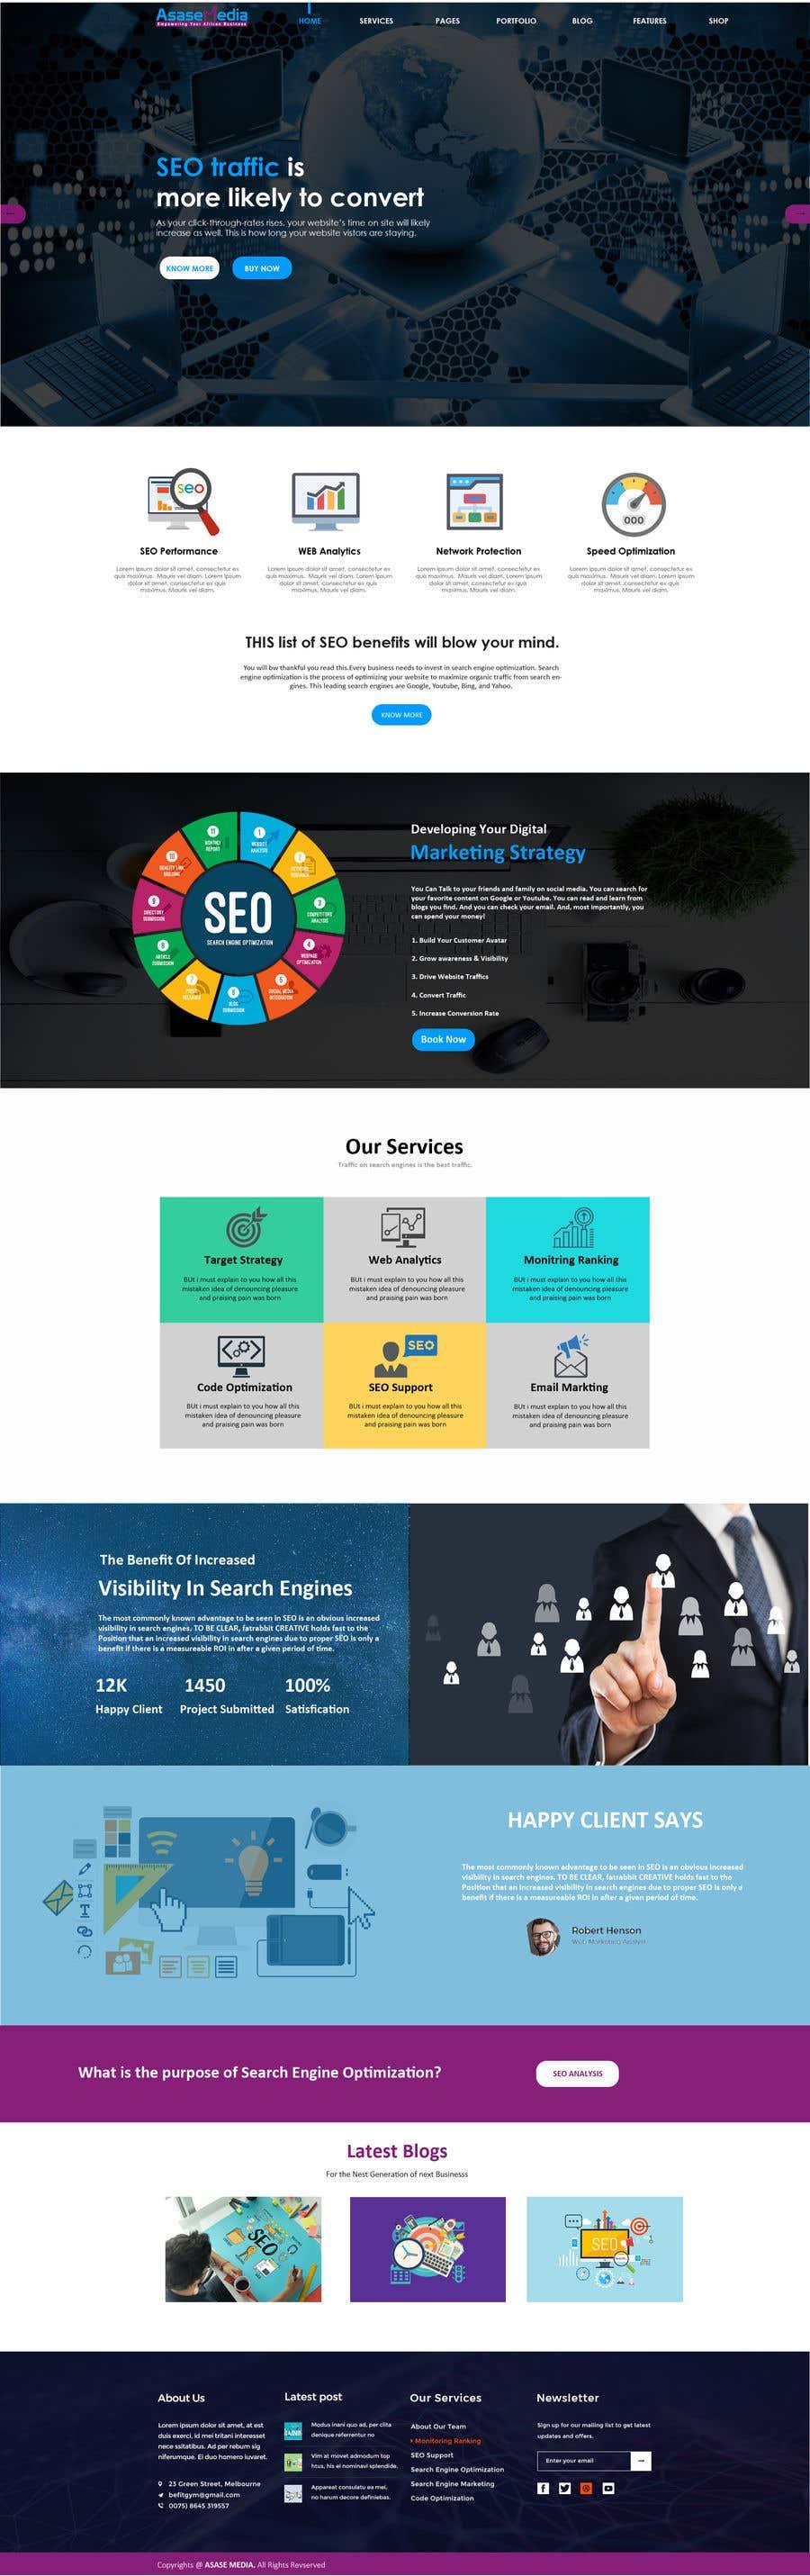 Inscrição nº 7 do Concurso para Social Media Marketing Agency Web site Mock Up